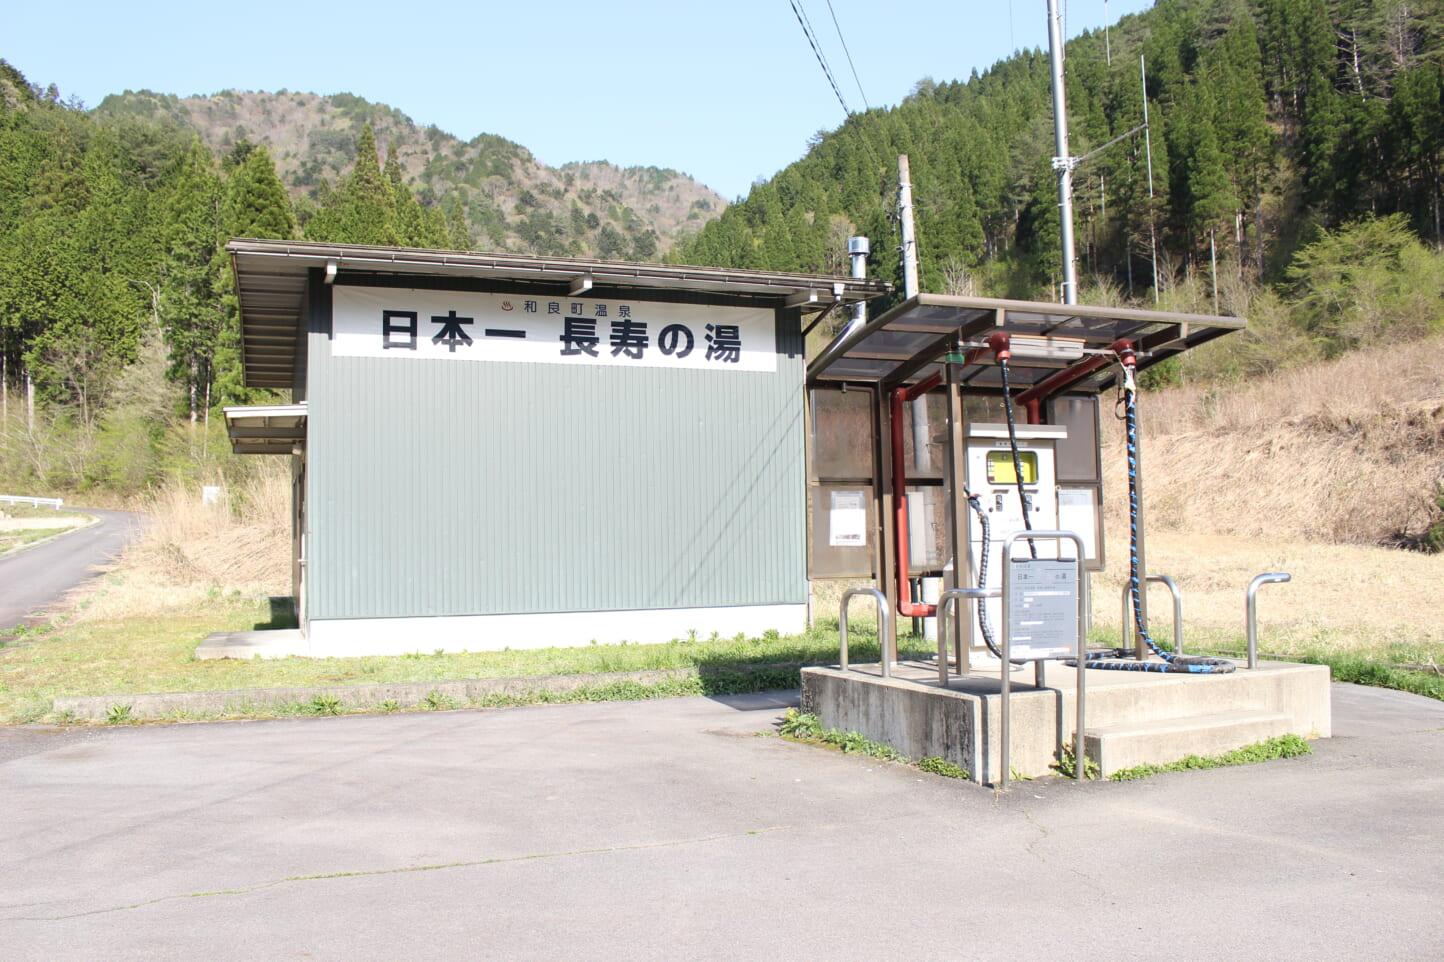 日本一長寿の湯(温泉スタンド) スライダー画像1